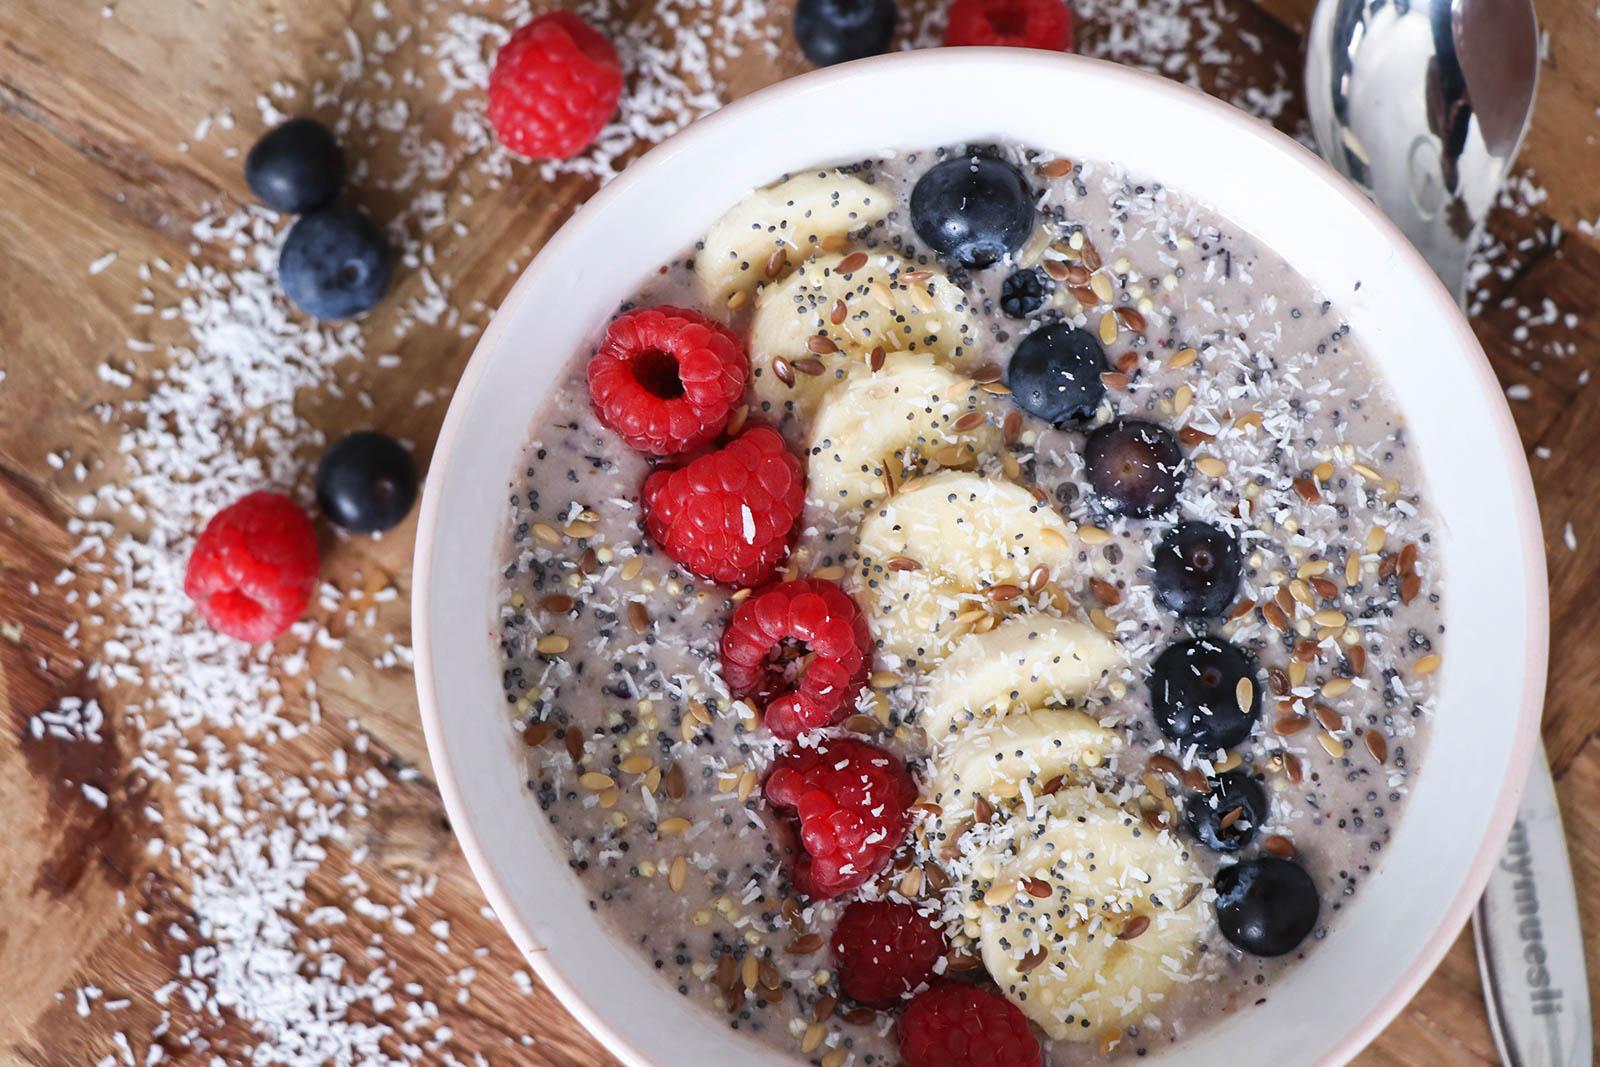 ontbijt met smoothiebowl